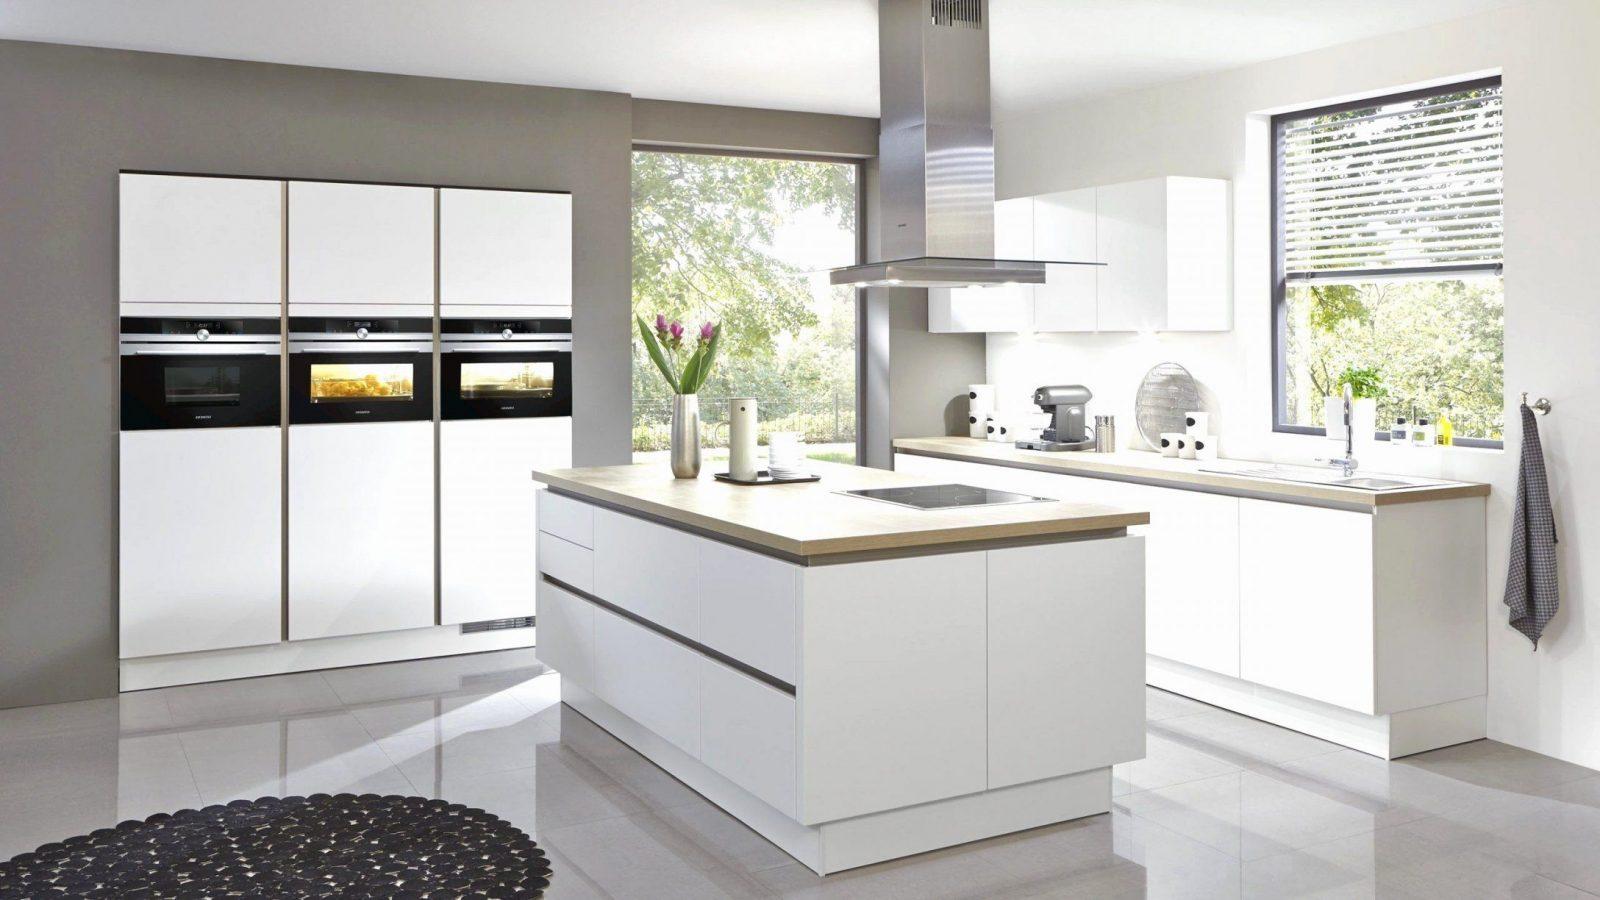 Küche Braun Weiß Fabelhaft Beautiful Abwaschbare Tapete Küche S von Abwaschbare Tapete Für Küche Bild